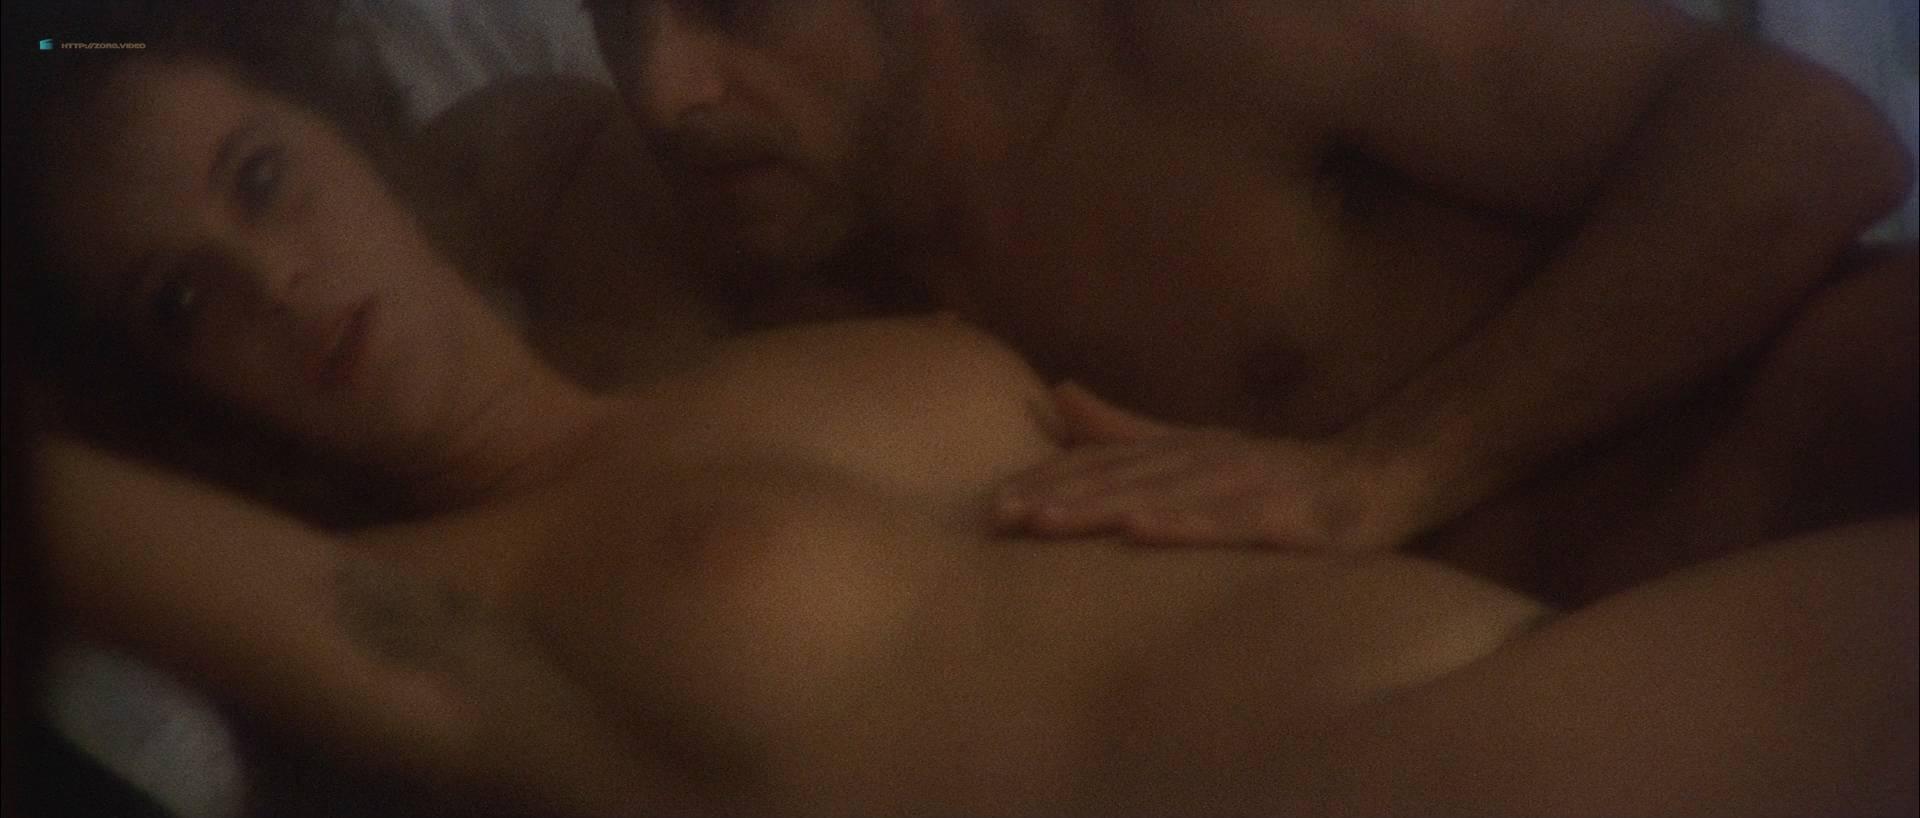 Laura Antonelli nude bush and topless - L'innocente (IT-1976) HD 1080p BluRay (5)